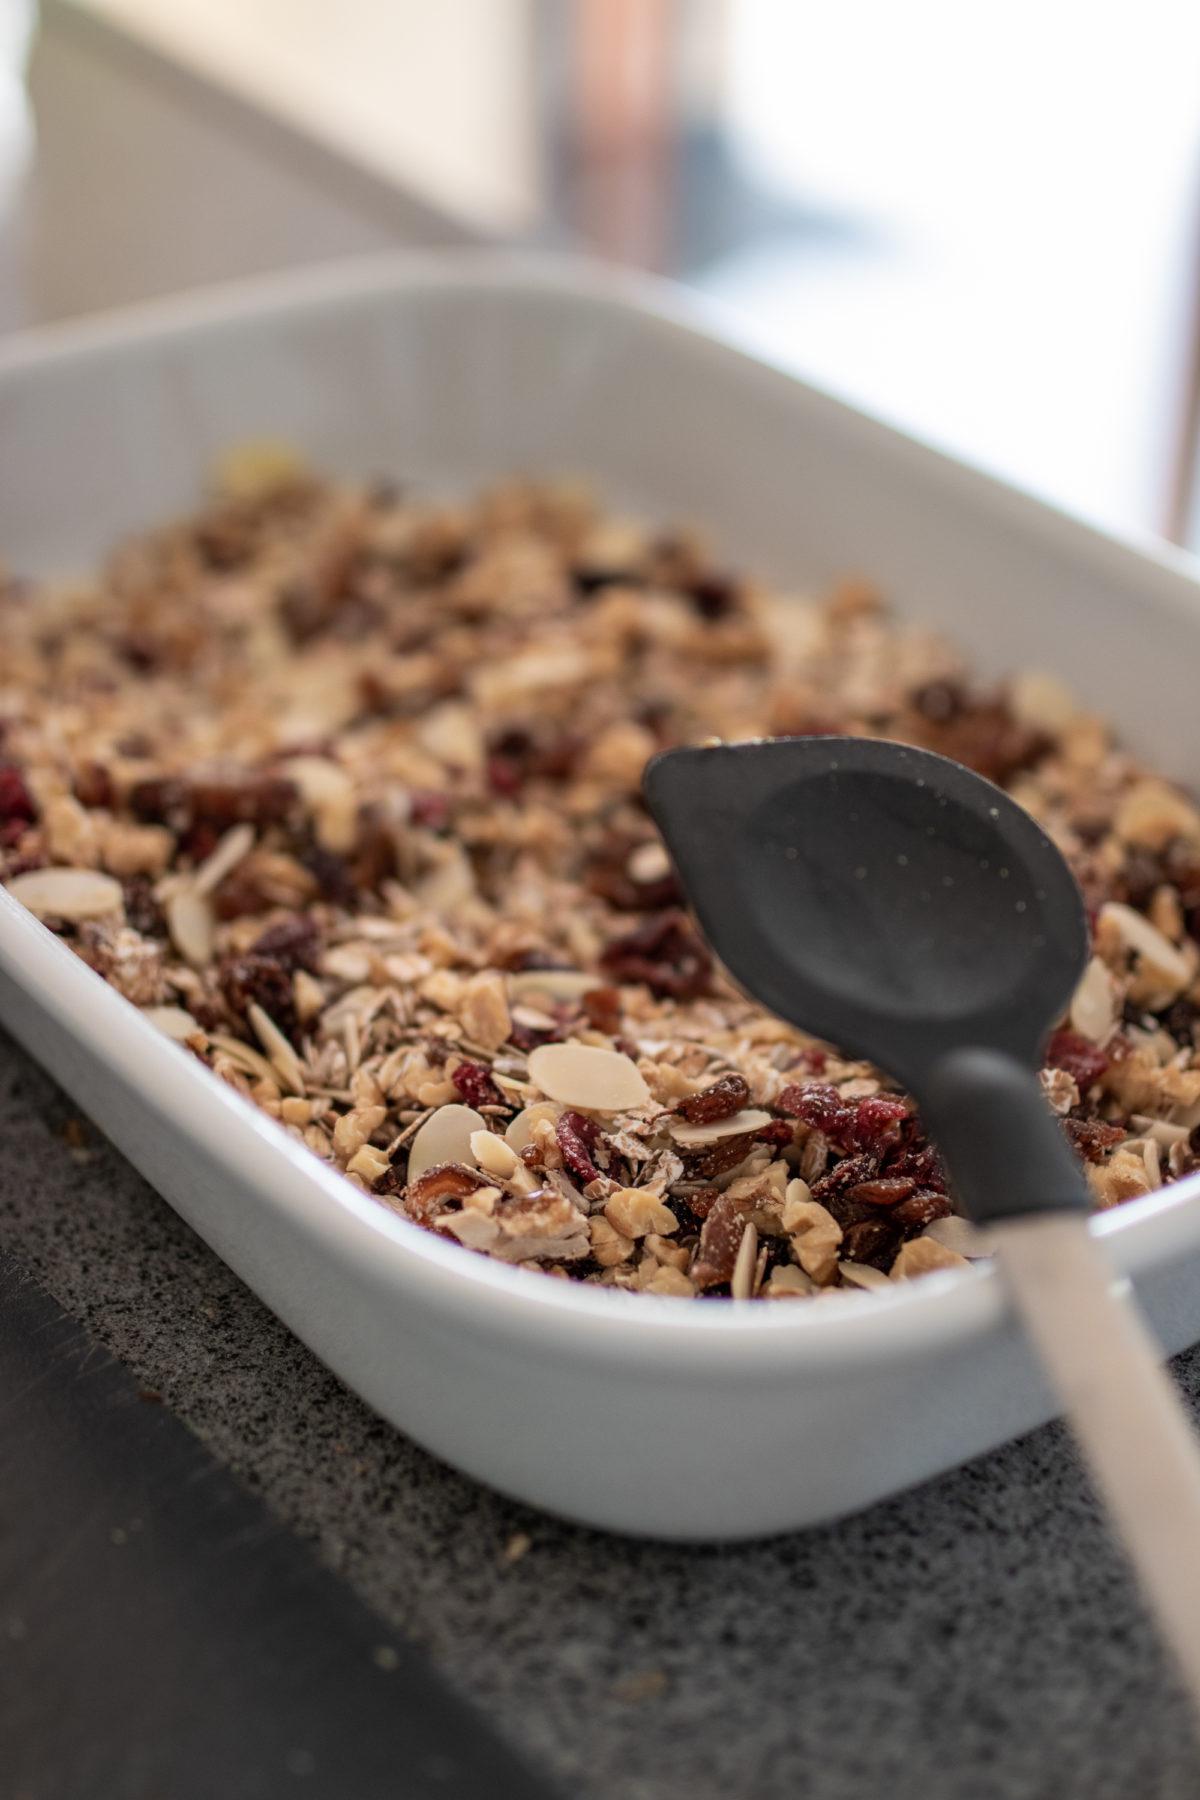 Müsli, Rezept: Selbstgemachtes Granola auf dem österreichischen Lifestyle Blog Bits and Bobs by Eva. Mehr Food auf www.bitsandbobsbyeva.com